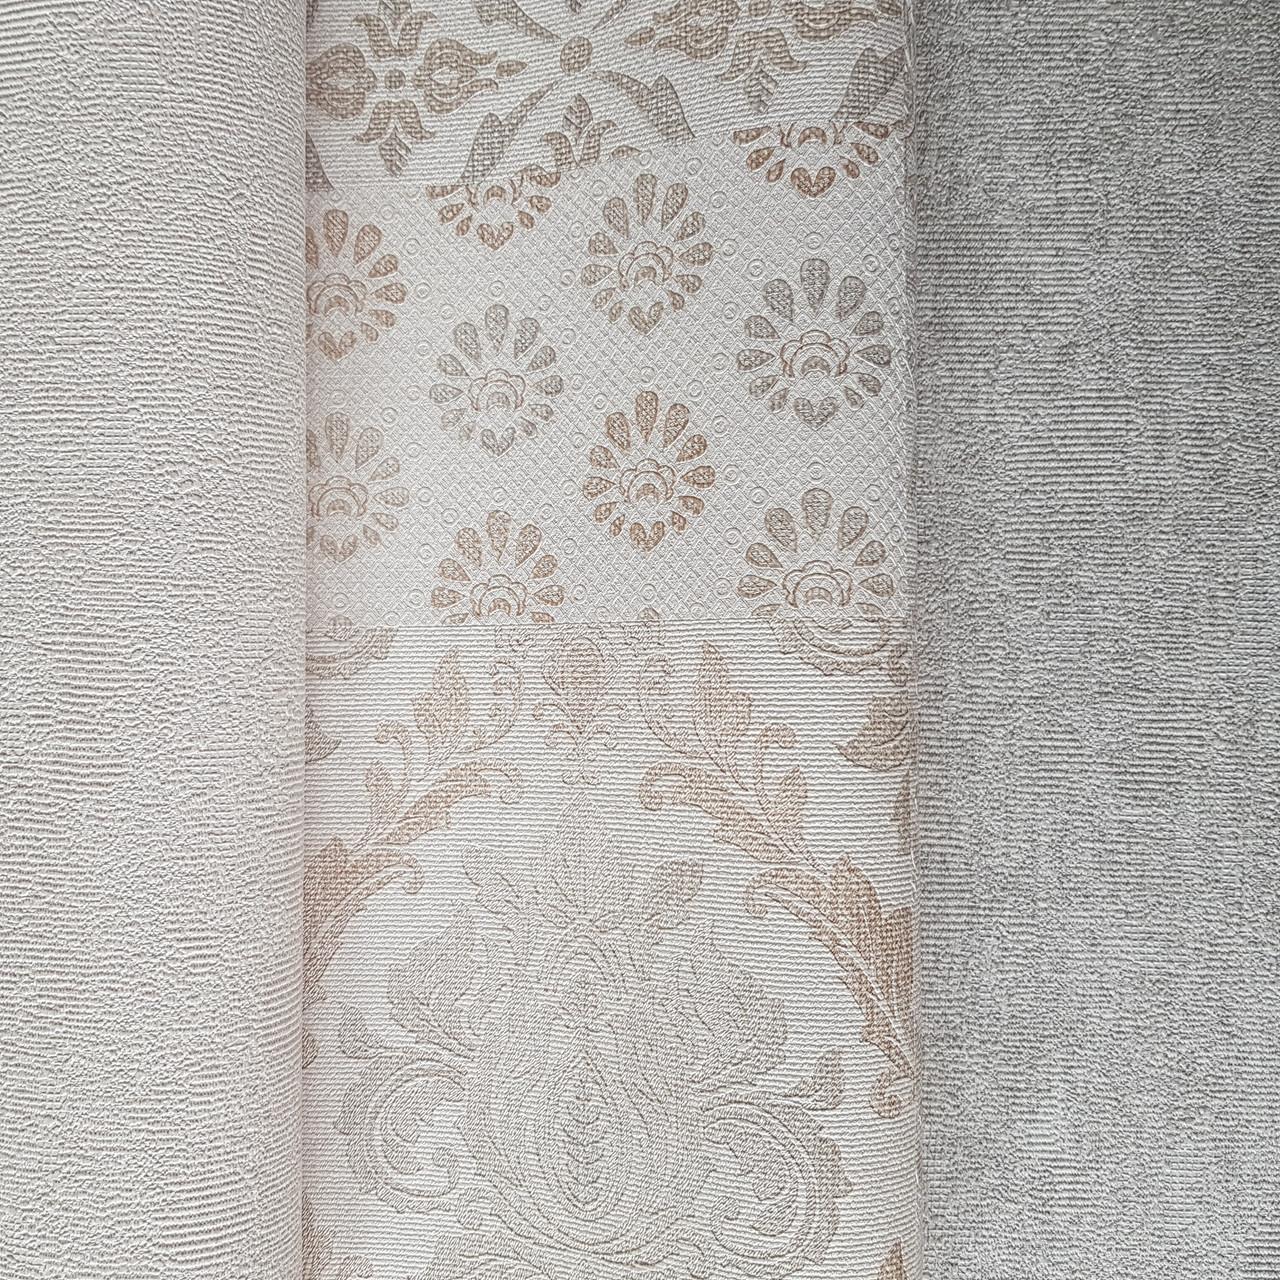 Шпалери метрові вінілові на флізелін Yuanlong Samsara східний стиль під килим бежеві срібло на білому 3д